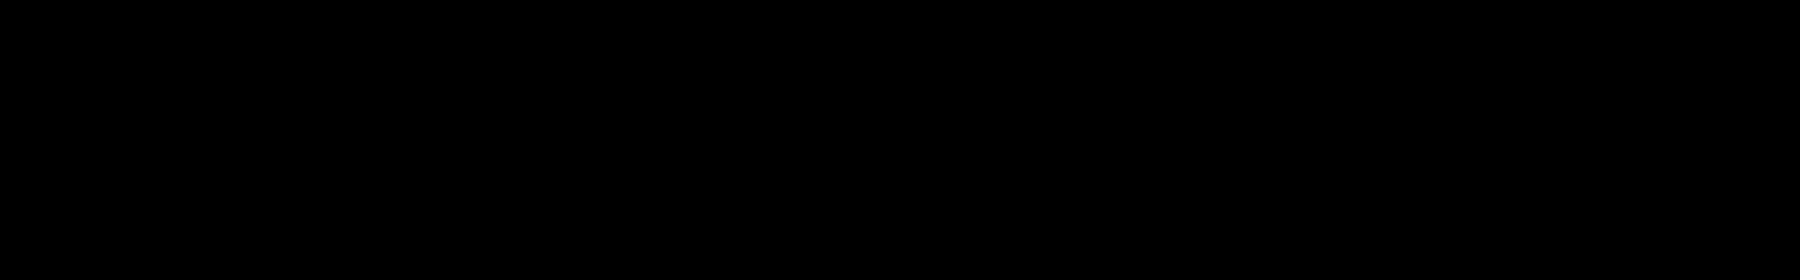 Melbourne Bounce 2016 audio waveform